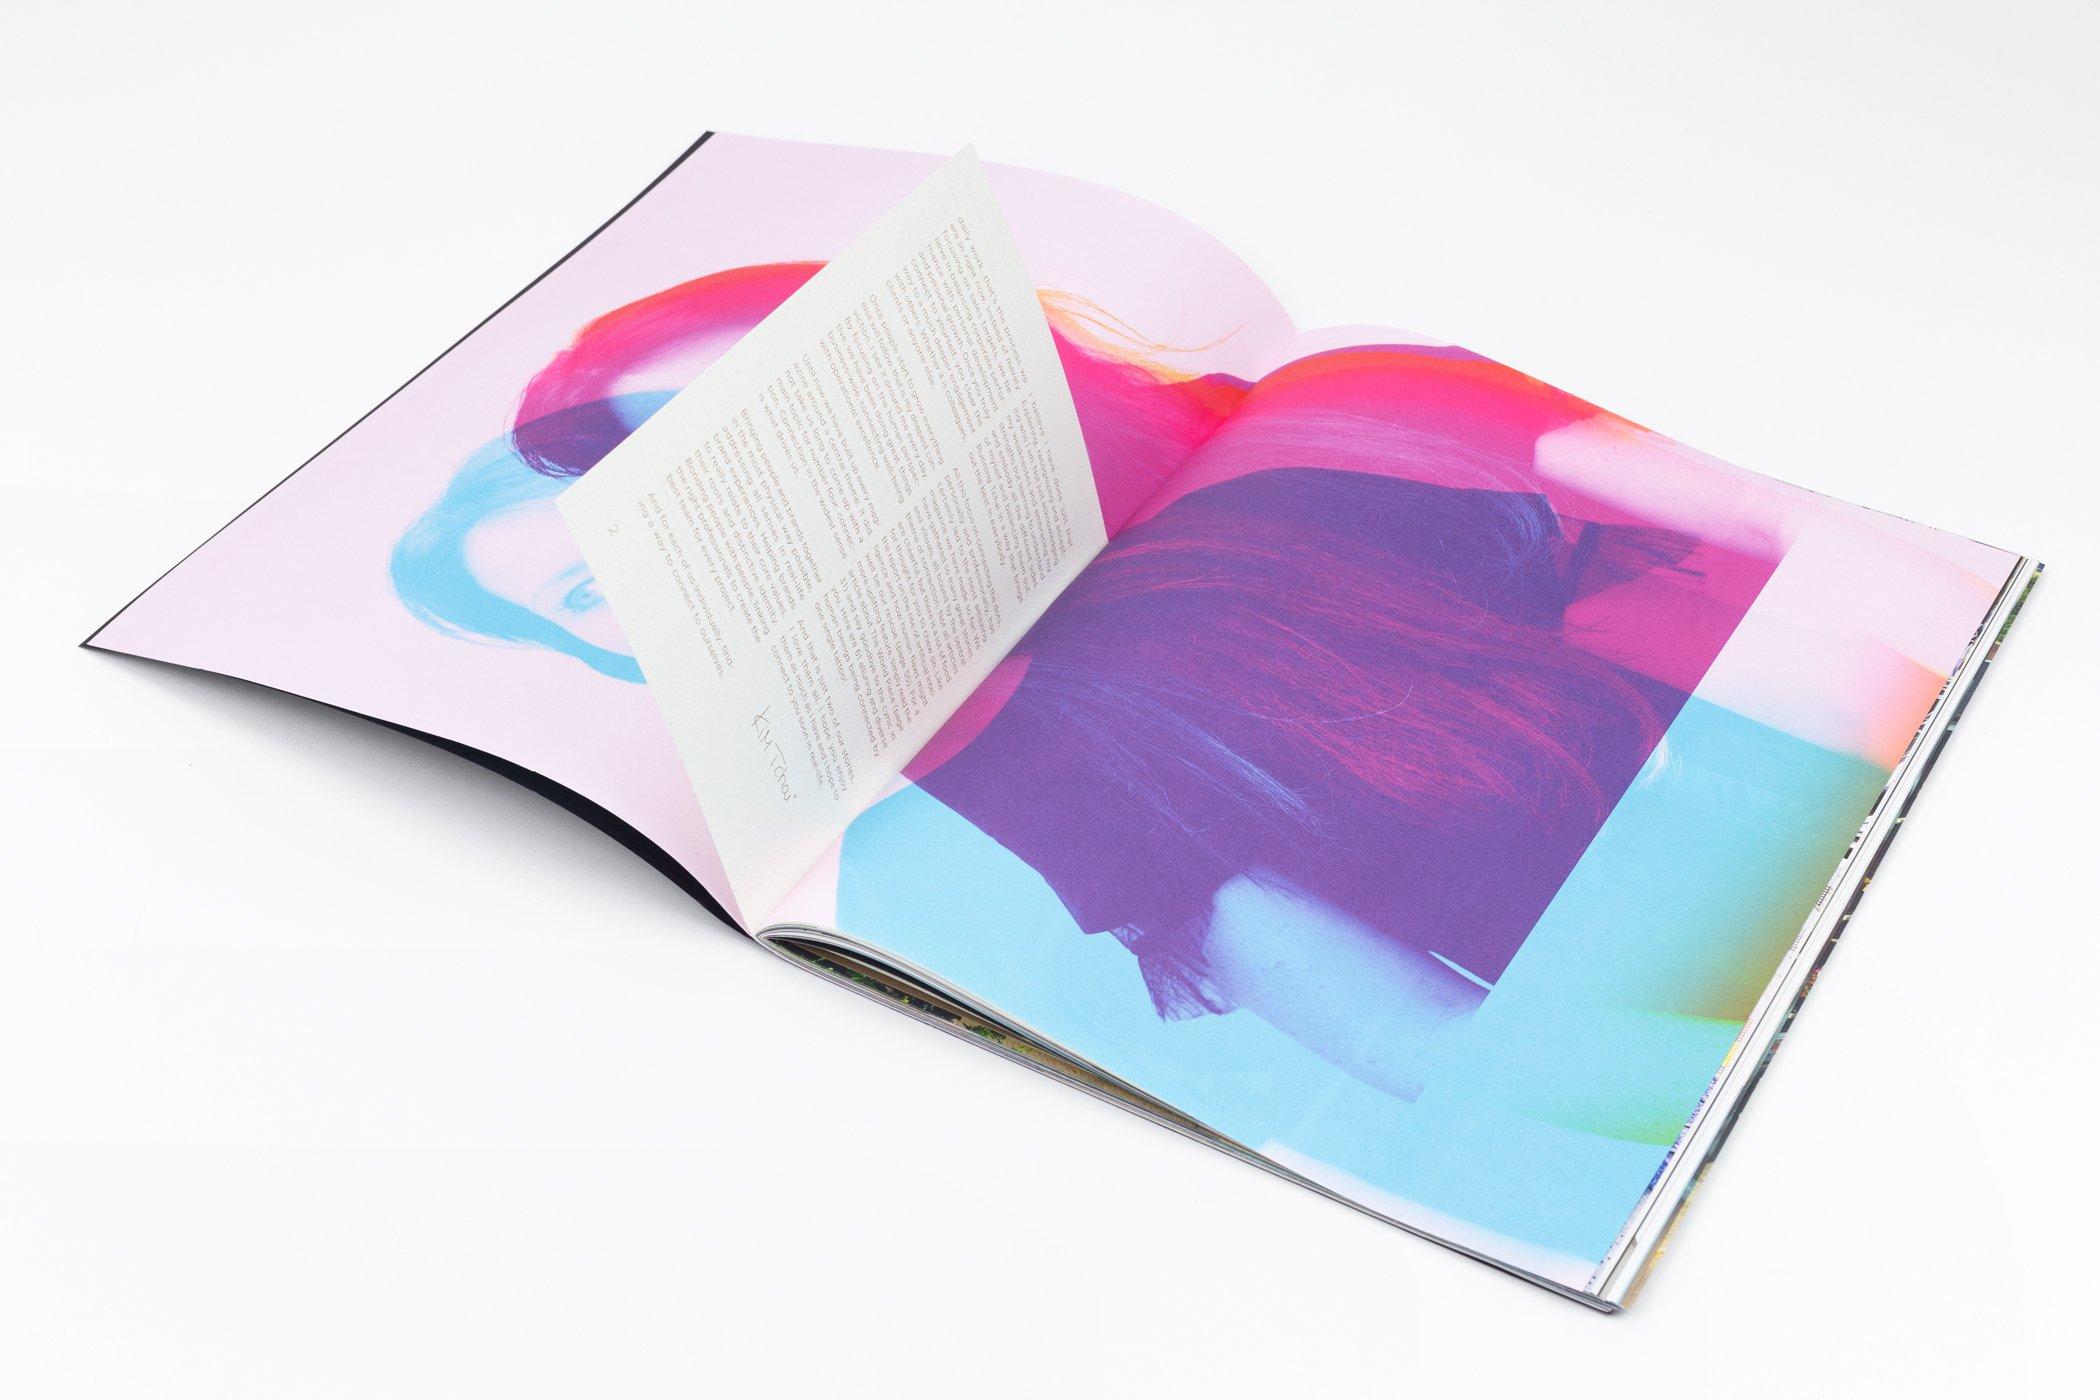 Twee pagina's uit het TCHI magazine door Tchai International